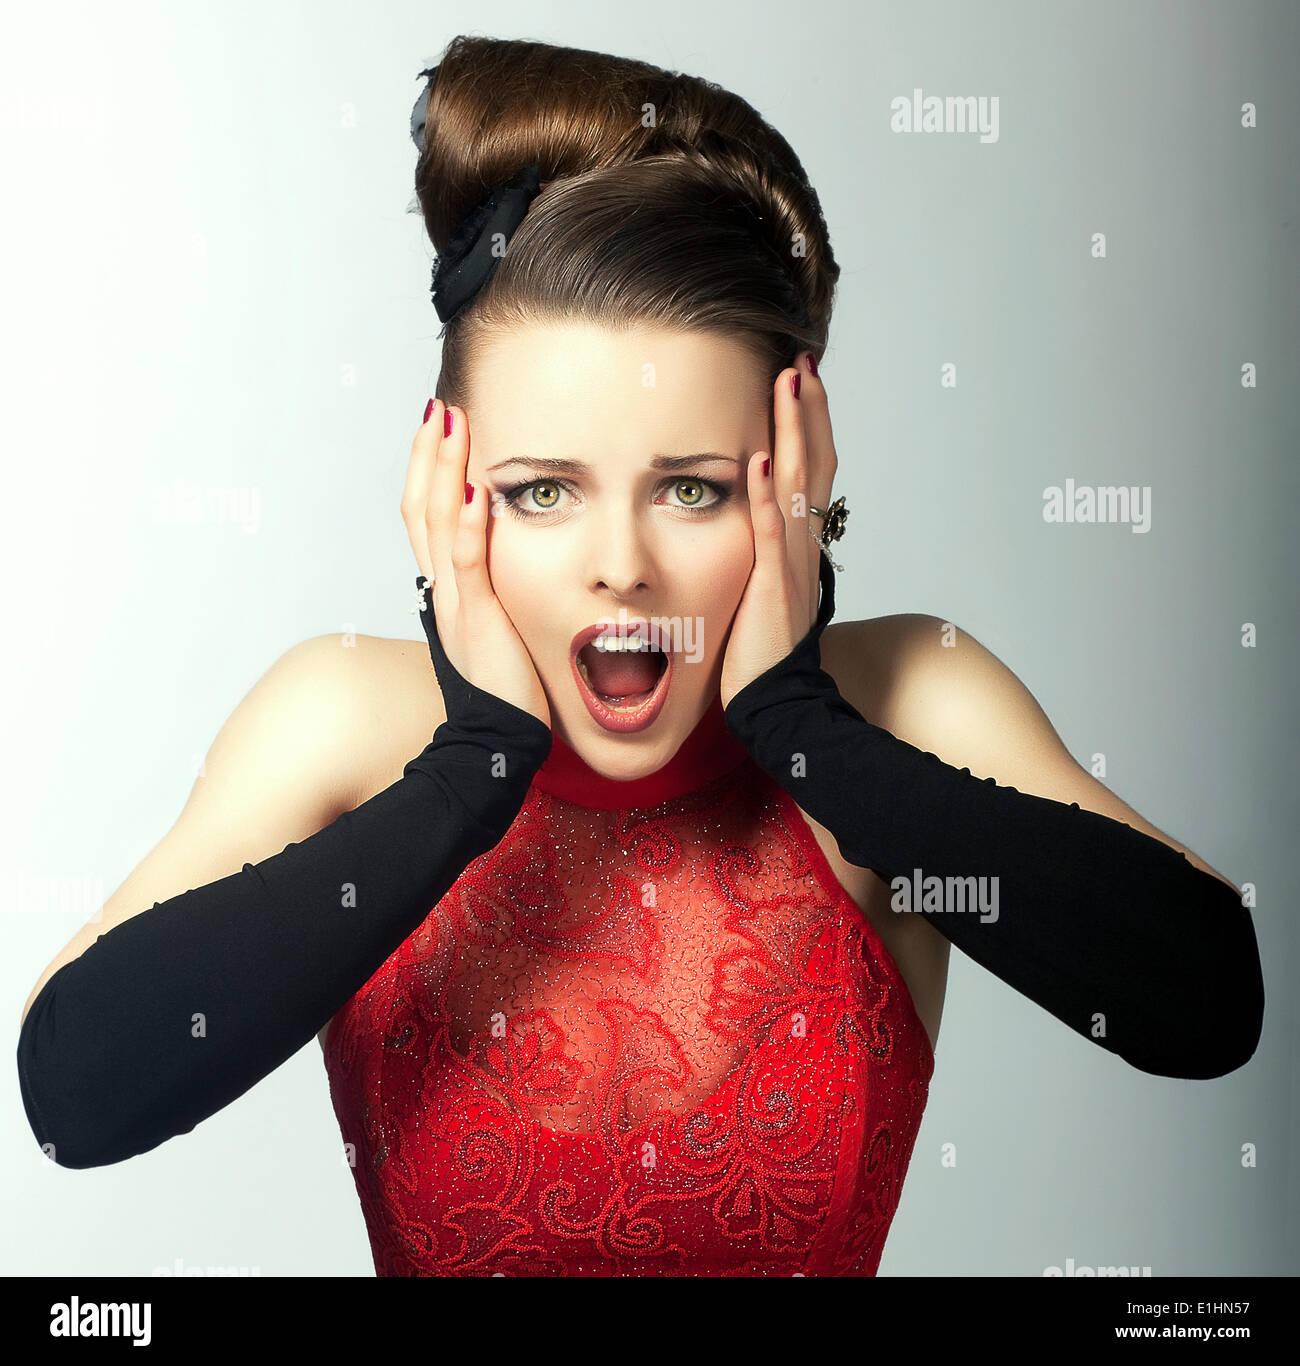 Emozioni espressiva. Premurosa volto di donna con la bocca aperta. Guardare Immagini Stock